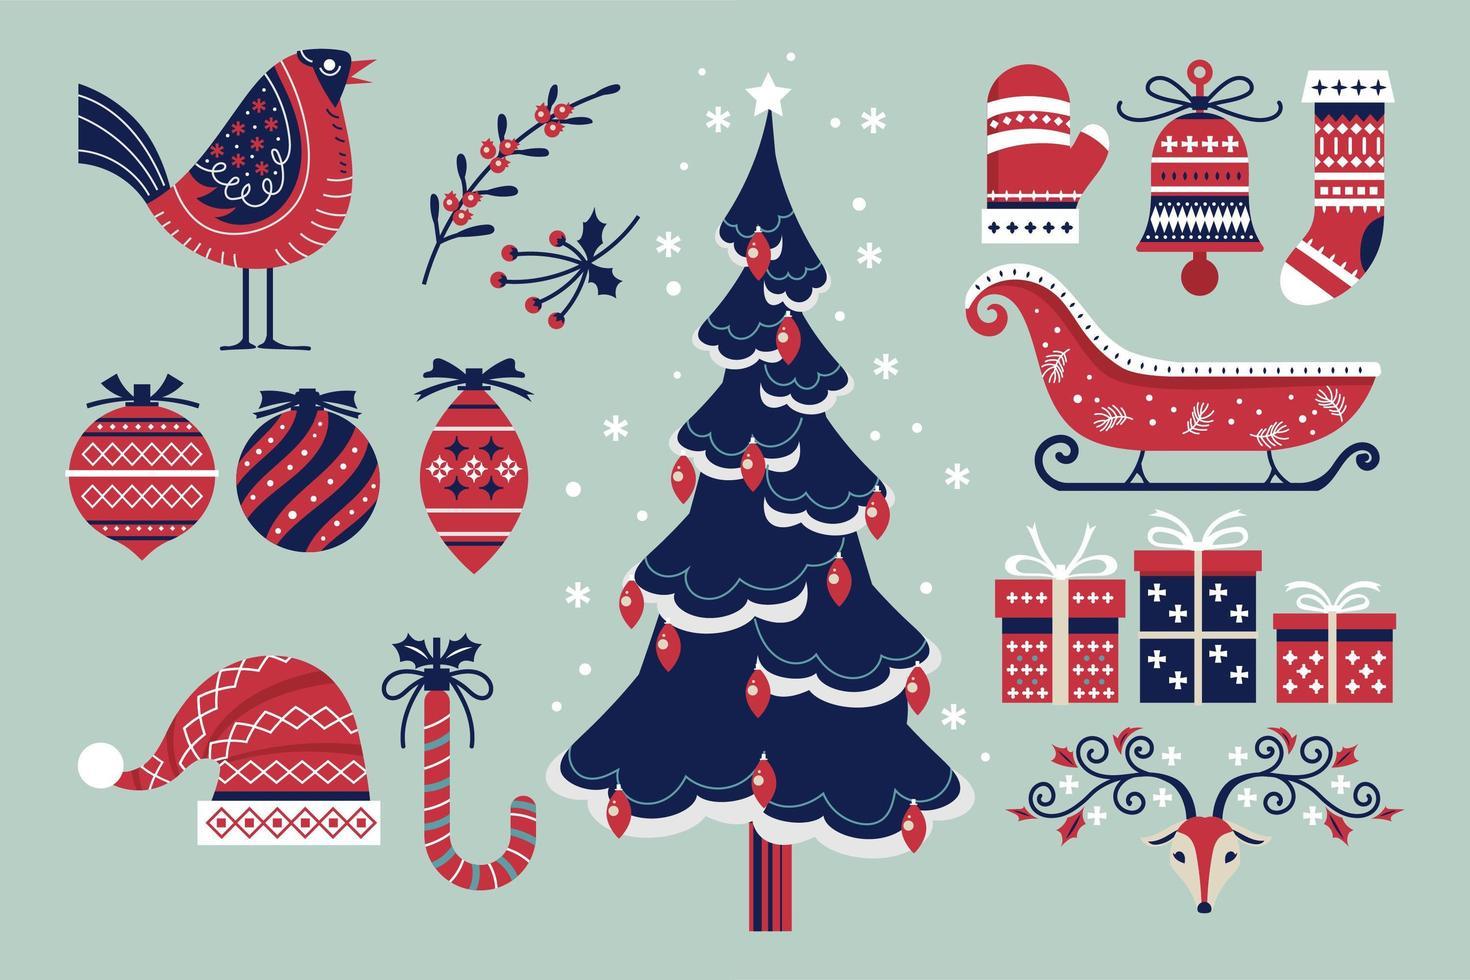 insieme di elementi di Natale e Capodanno vettore